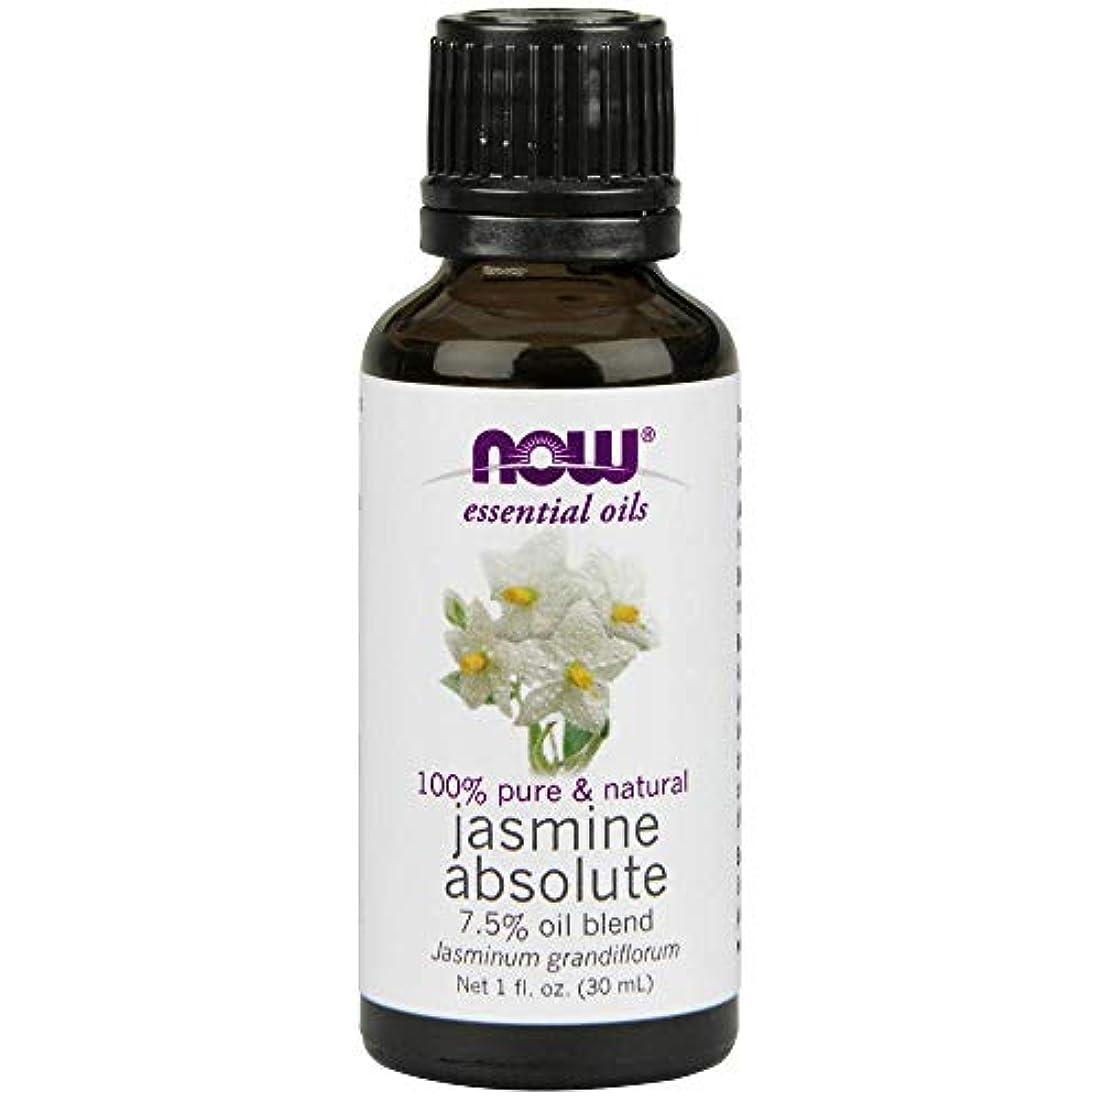 キャッチ名誉主要なNow - Jasmine Absolute Oil 7.5% Oil Blend 1 oz (30 ml) [並行輸入品]